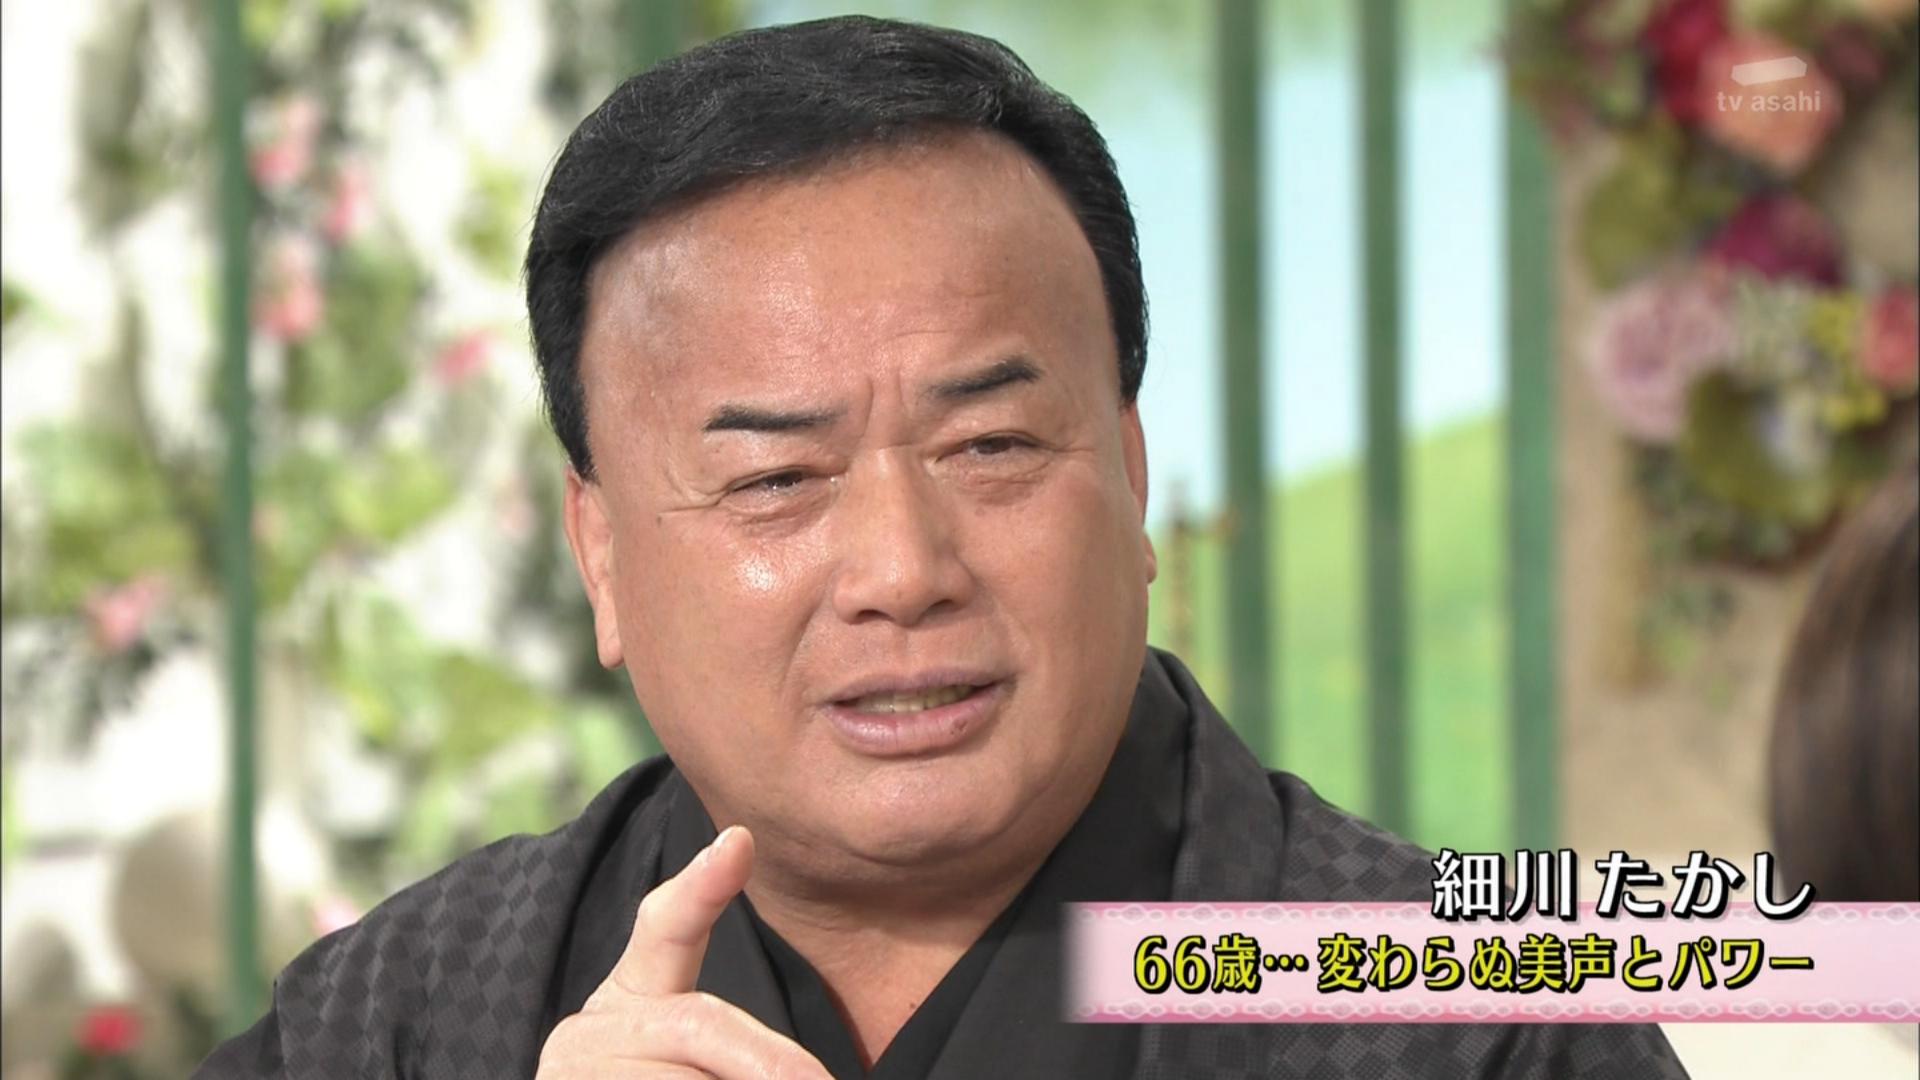 田中 放送 事故 アンガ